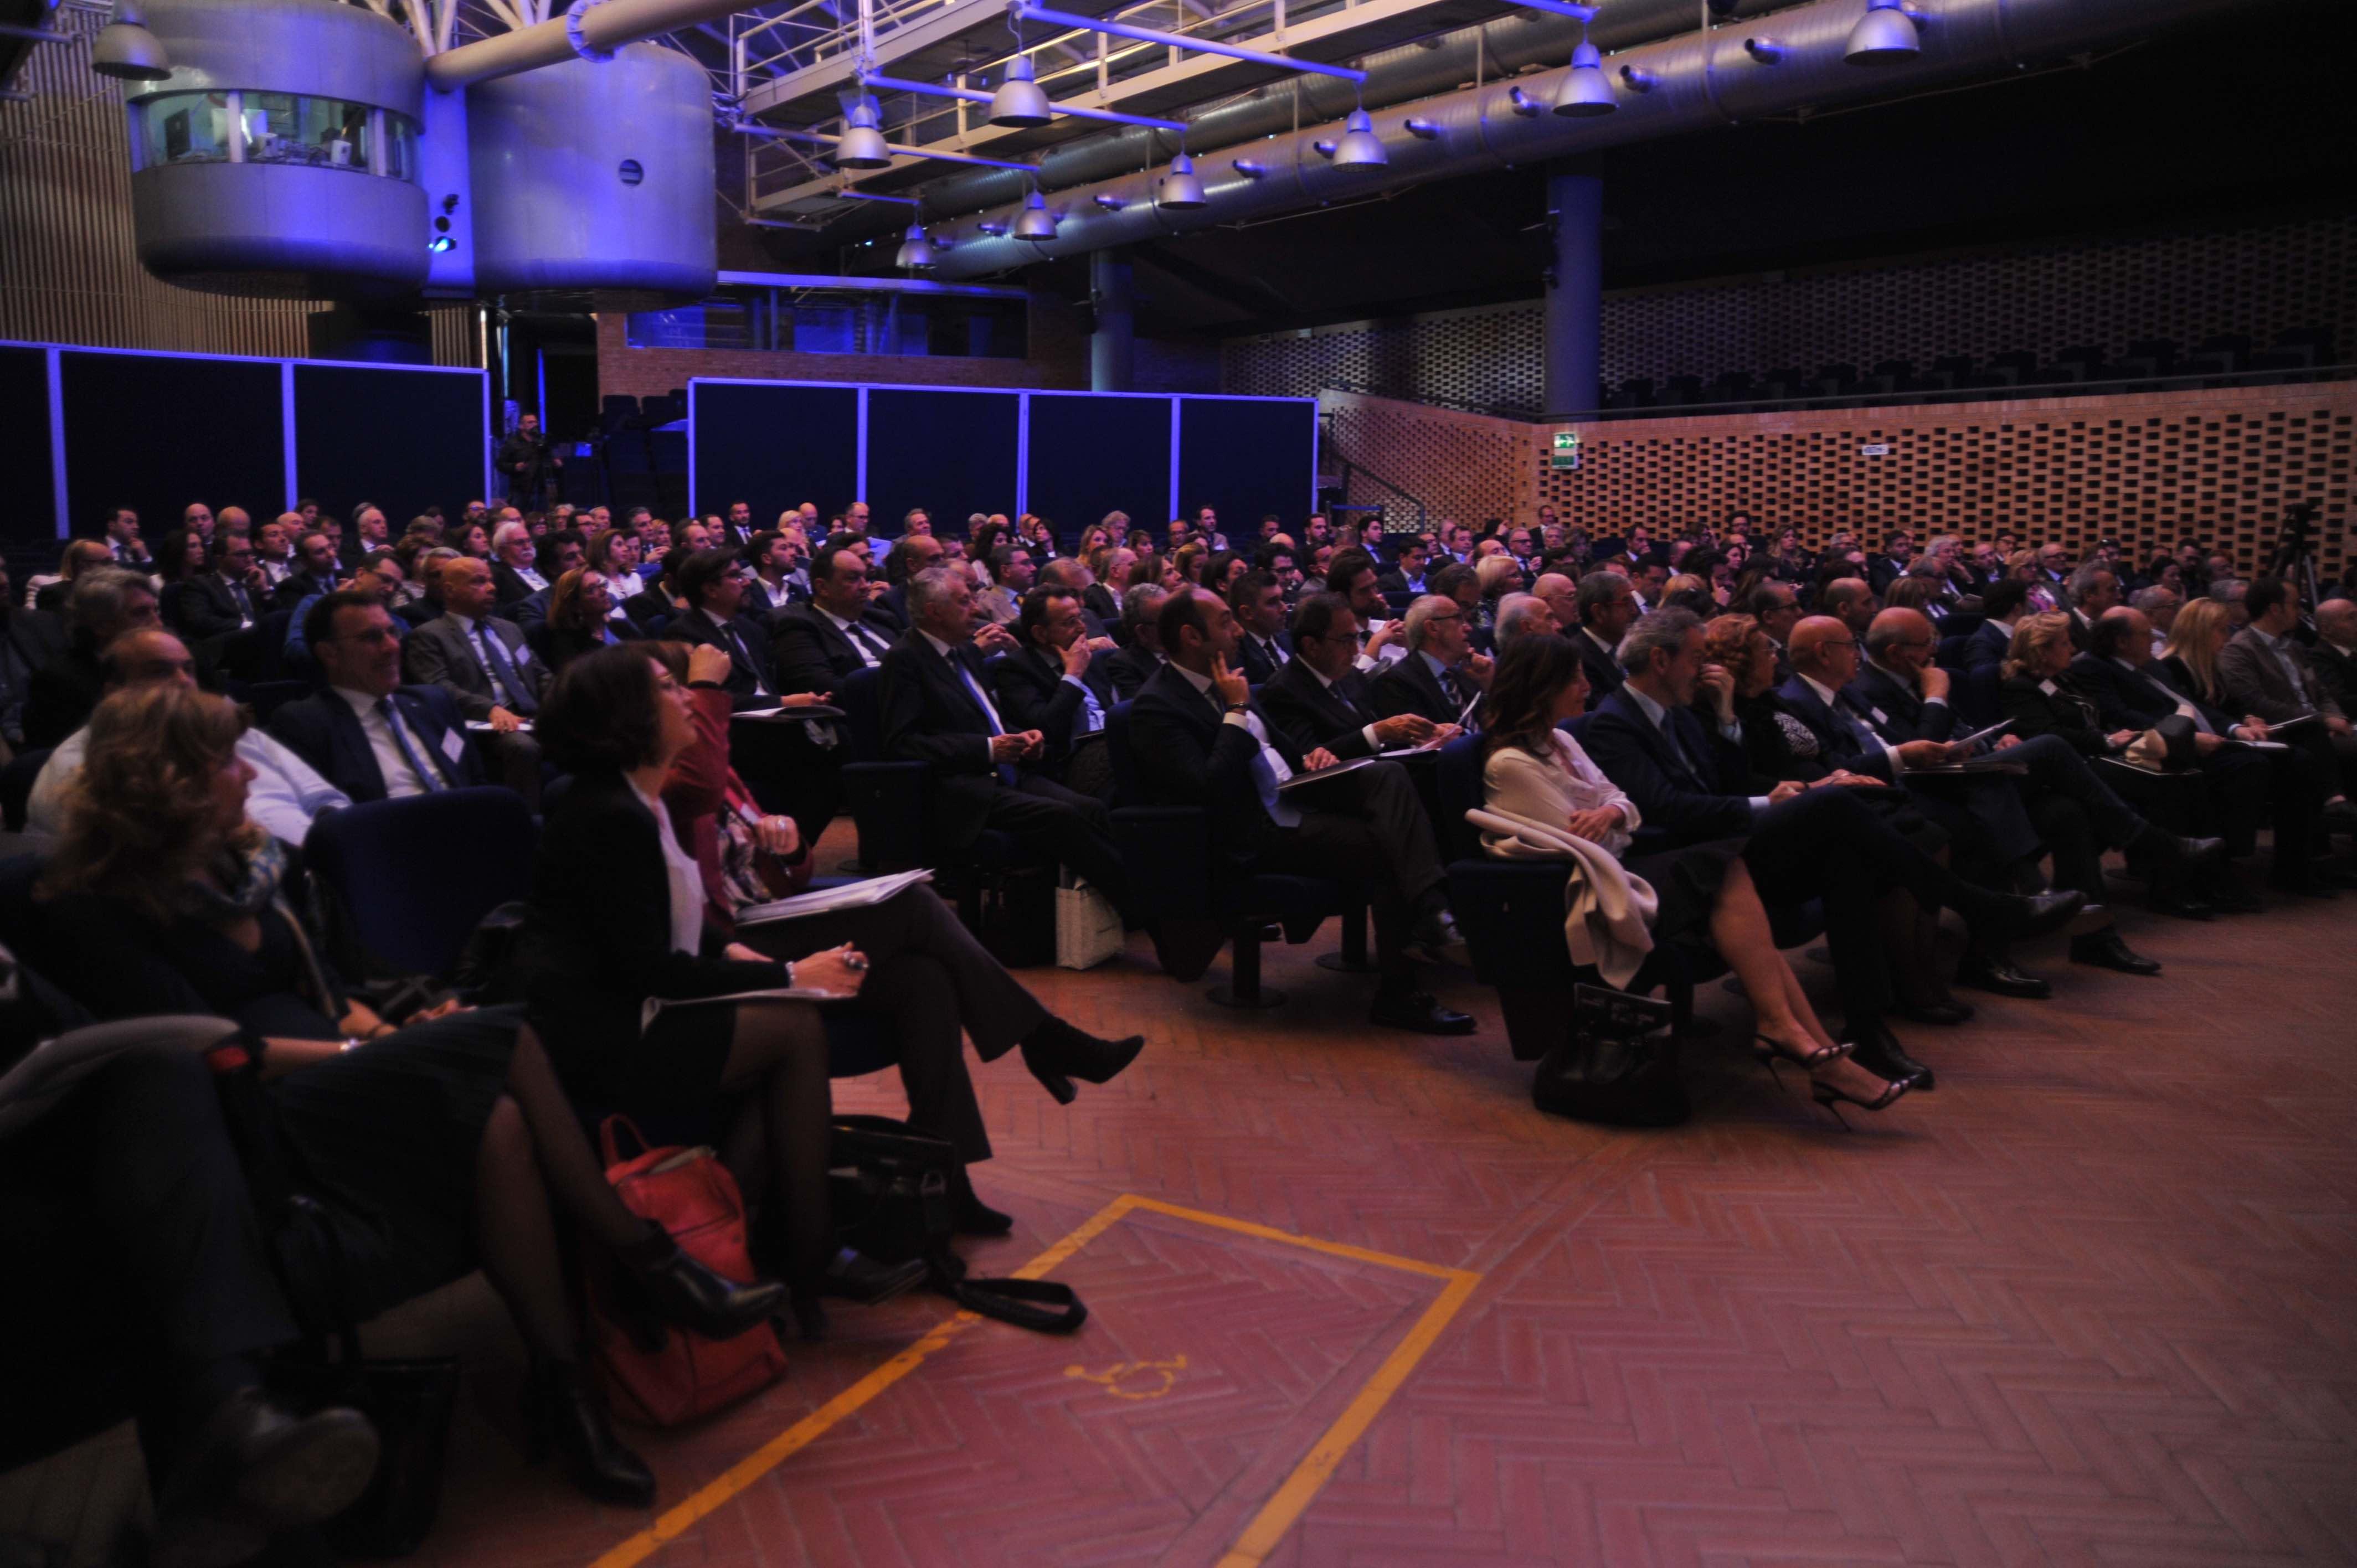 Imprese Di Costruzioni Campania campania industria felix: l'elenco delle imprese premiate e